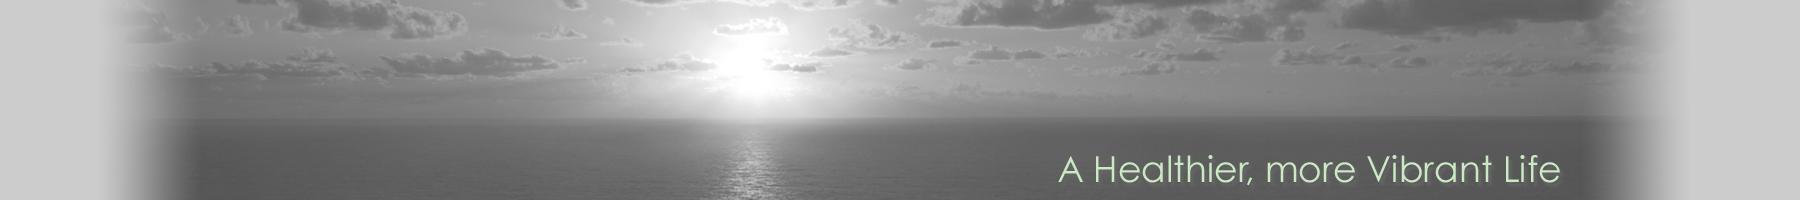 ocean-sunset1